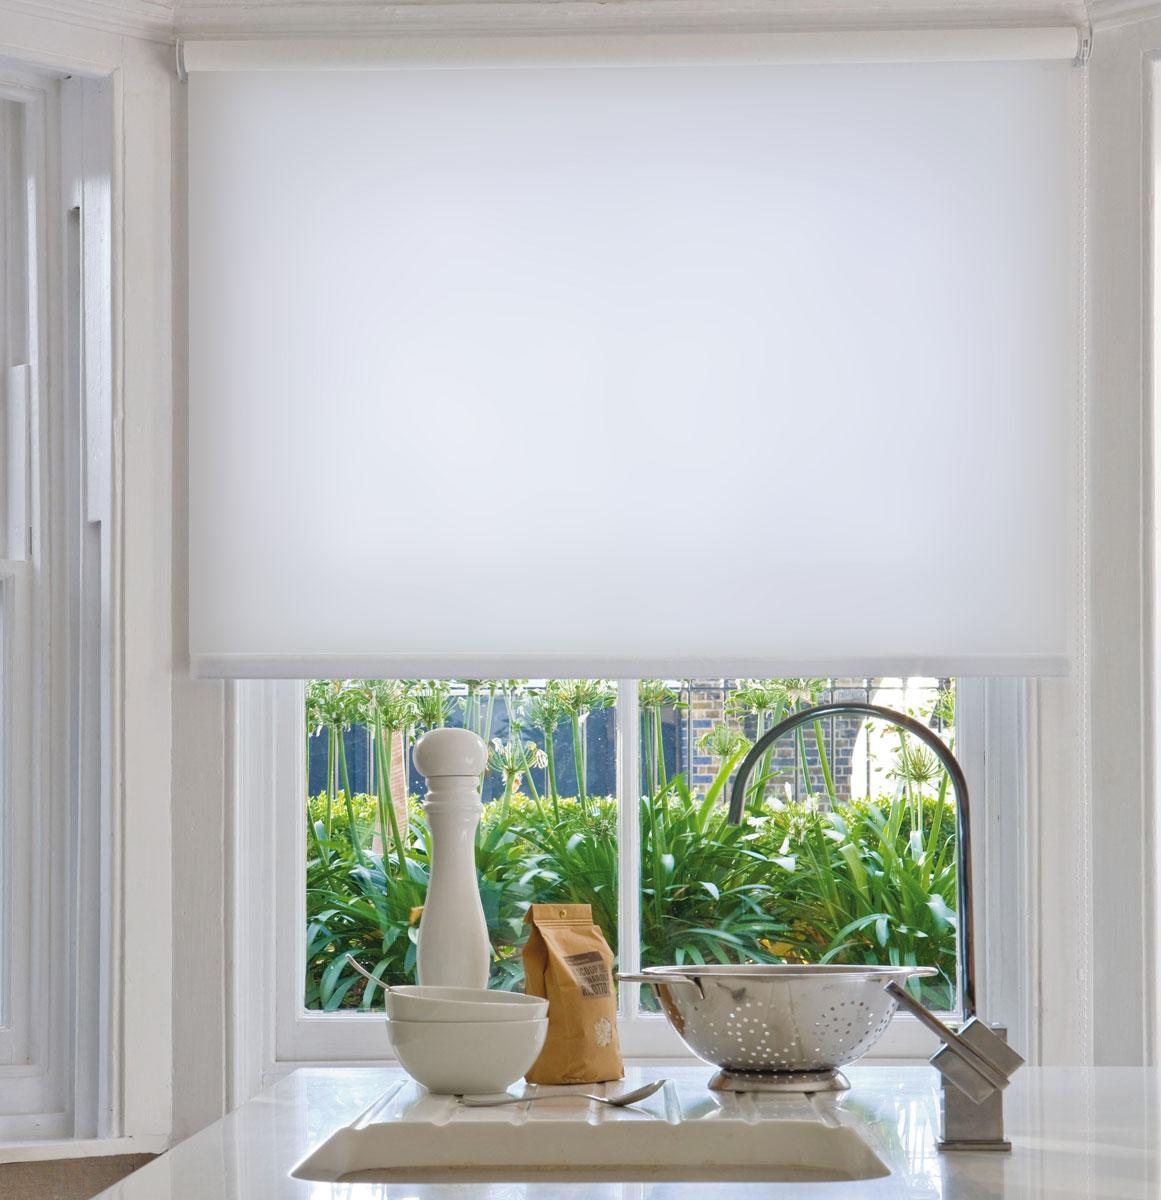 Миниролло KauffOrt 37х170 см, светонепроницаемая, цвет: белый